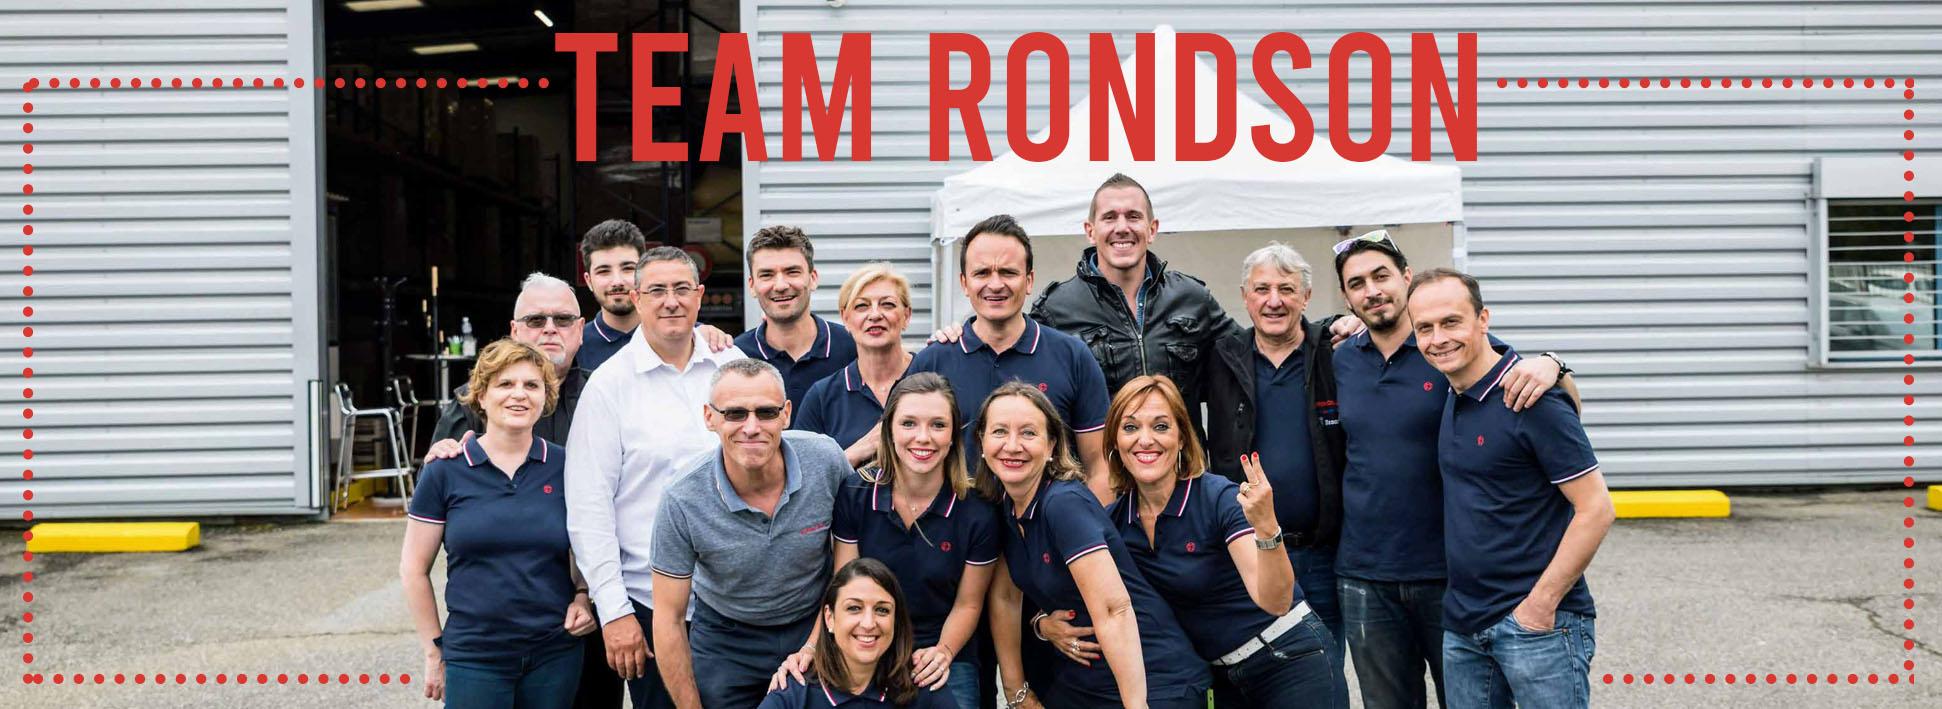 team rondson